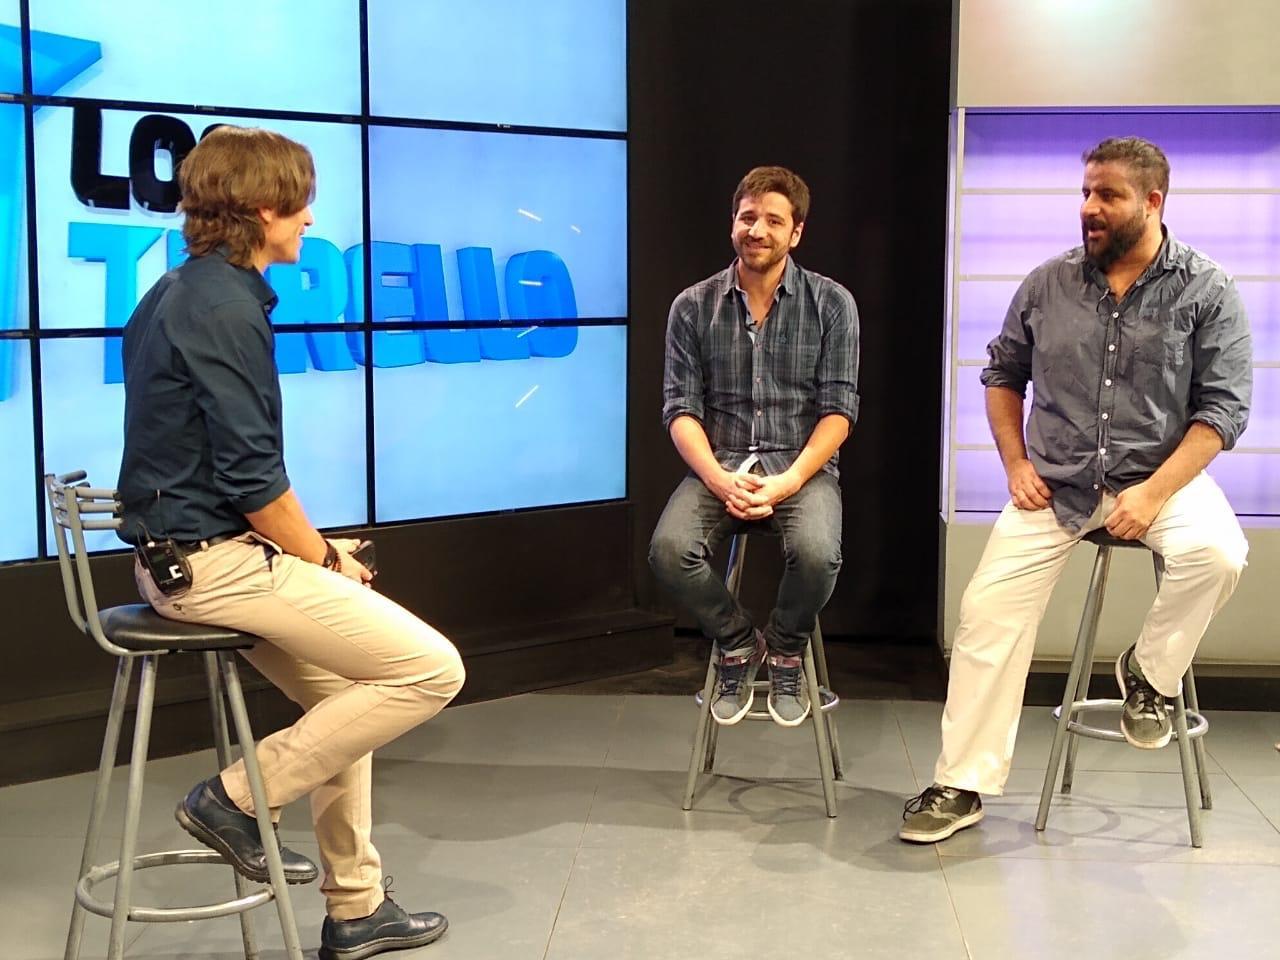 Sebastián Turello entrevista a Alejandro Parise y Henry Vallenilla de Evaluados | Foto: Los Turello.